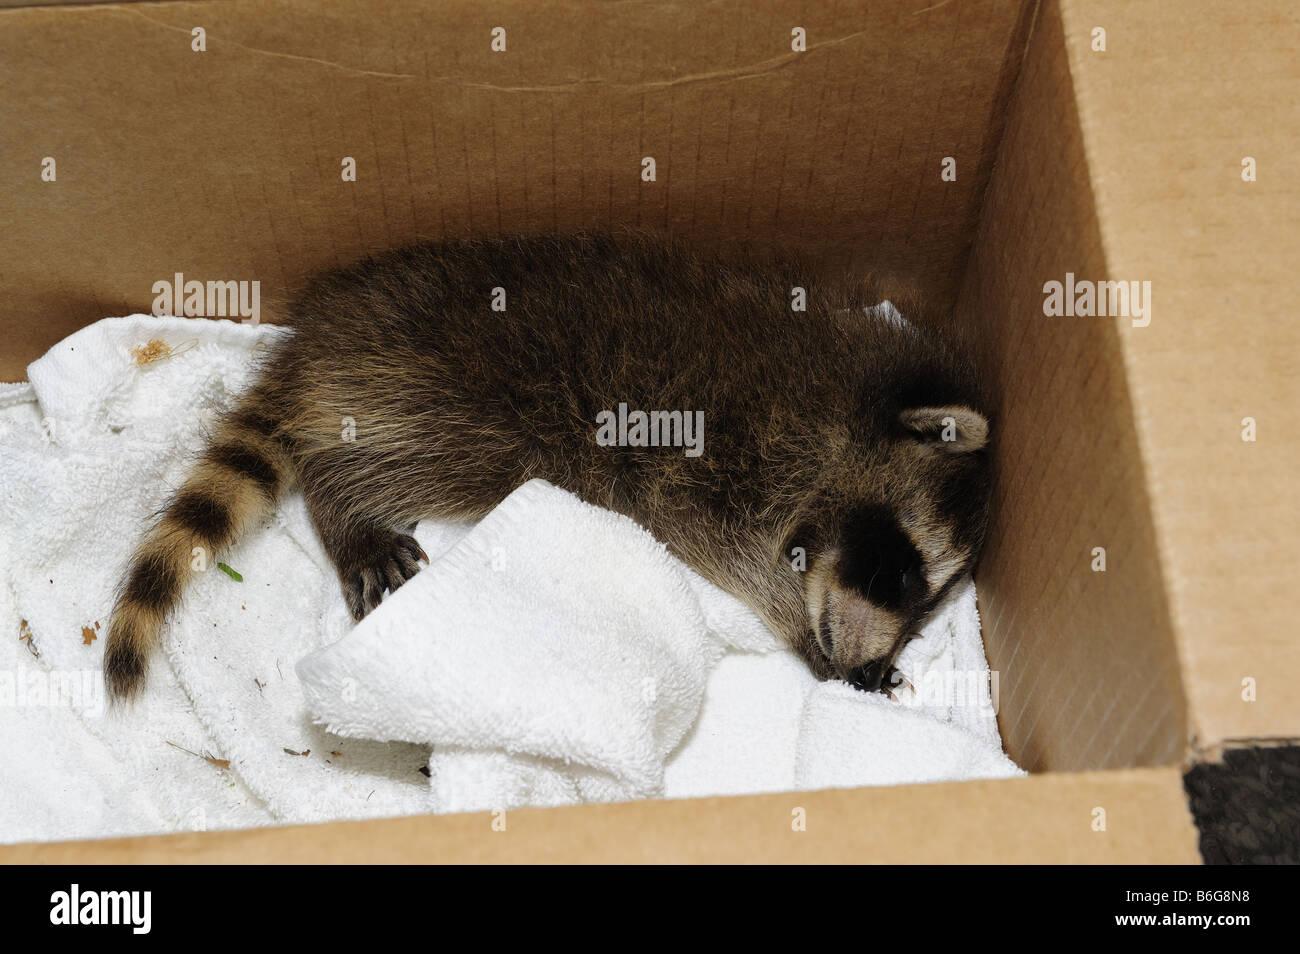 Mapache rescatado bebé durmiendo en una caja Imagen De Stock